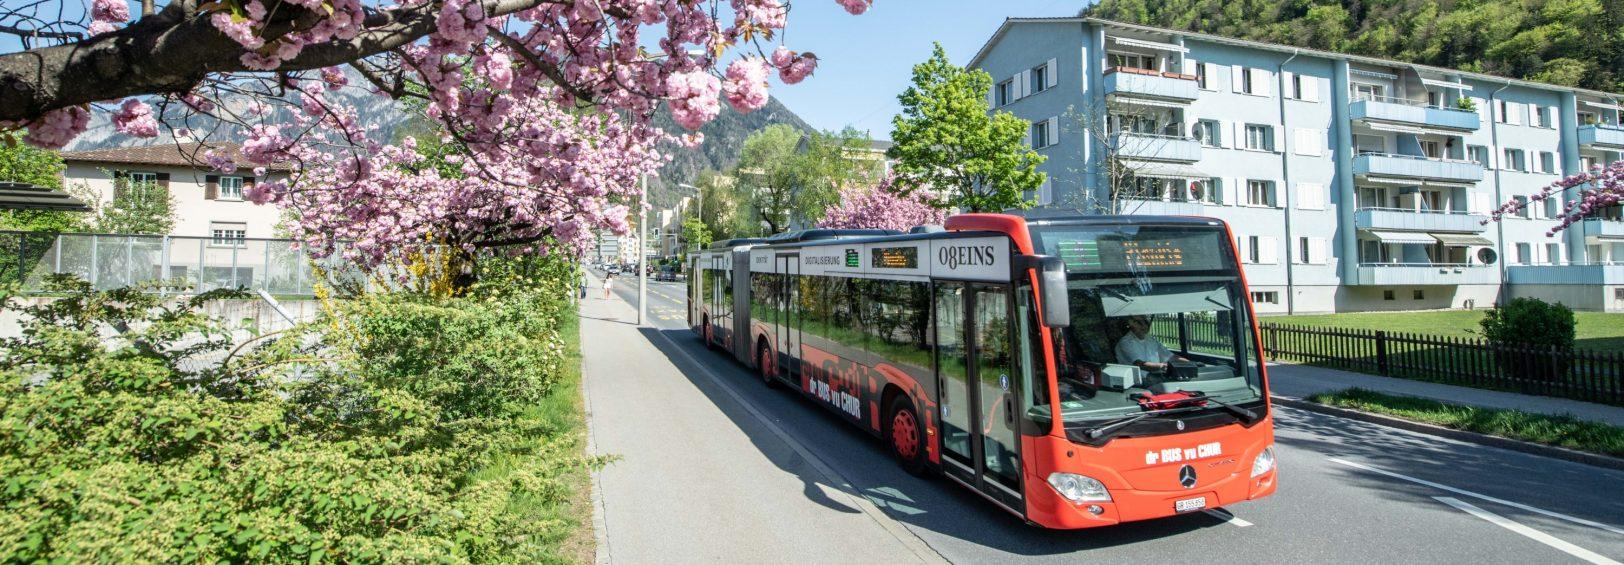 Chur_Bus_Frühling_nu_003_1130_auschnitt